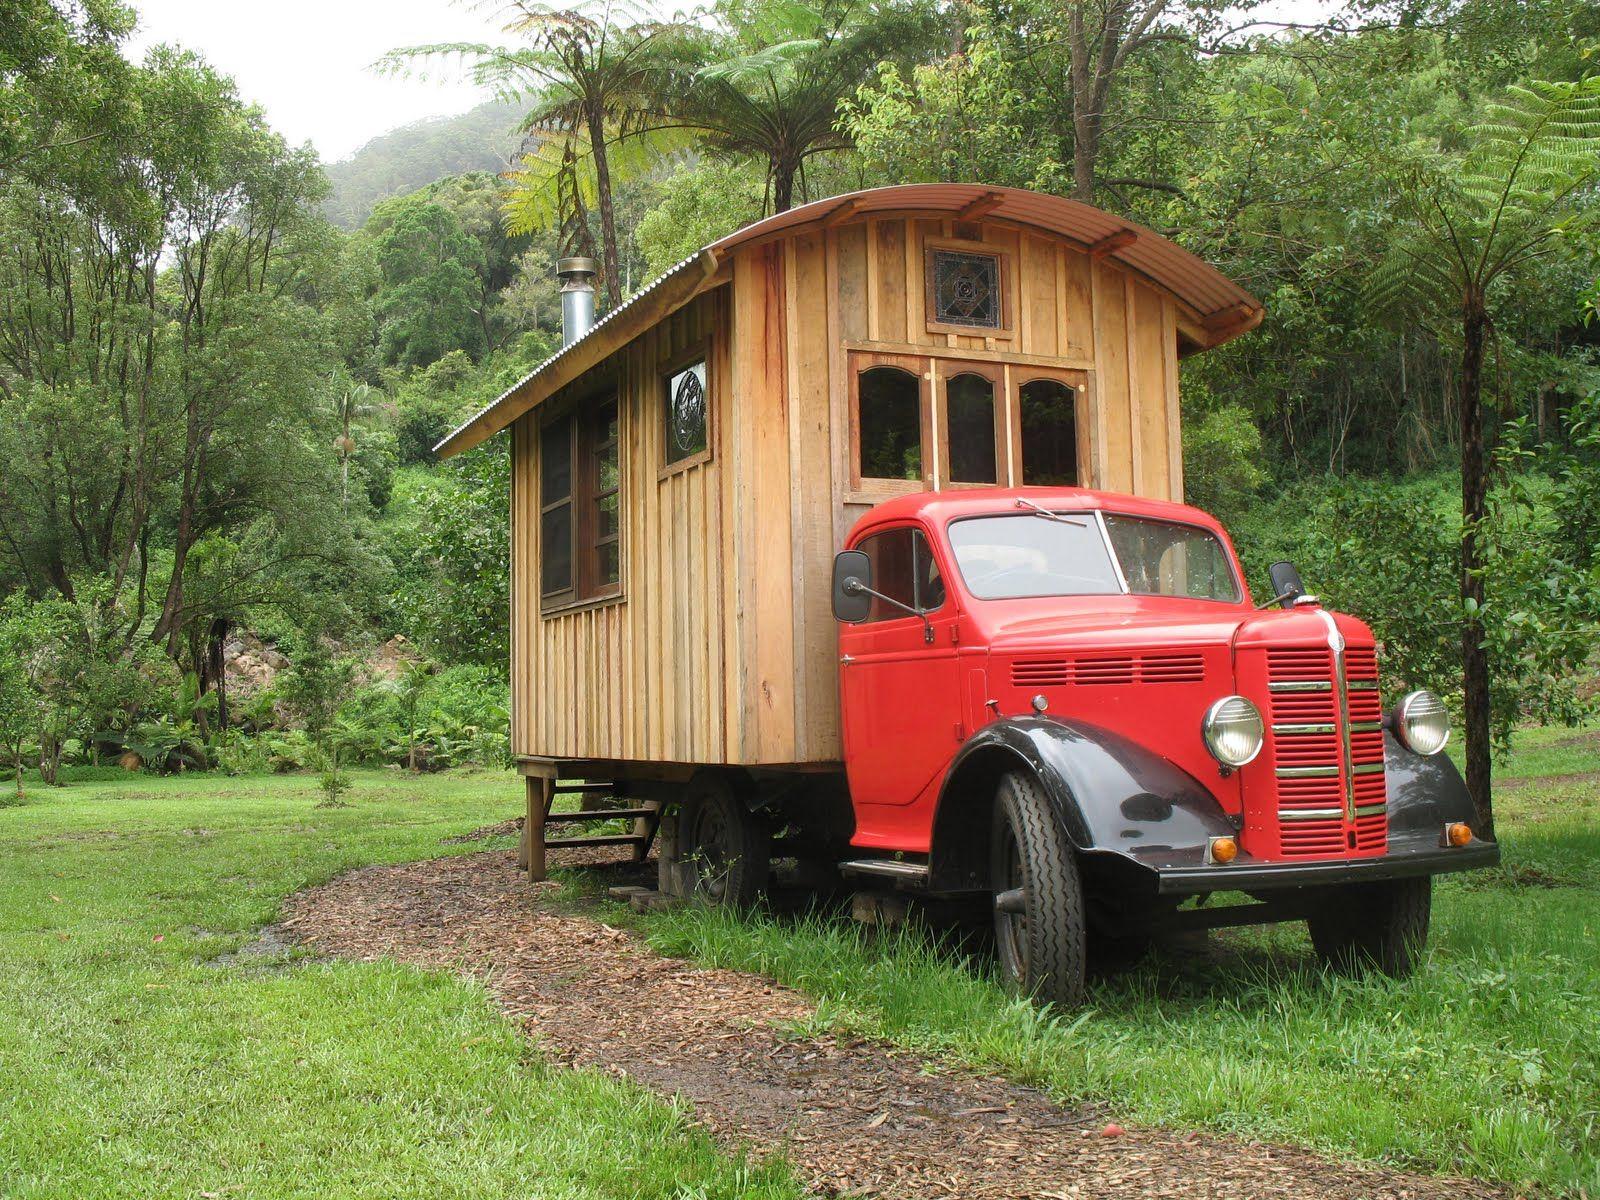 Lloyd S Blog Petite Maison Sur Roues Vivre Dans Une Tiny House Roulotte